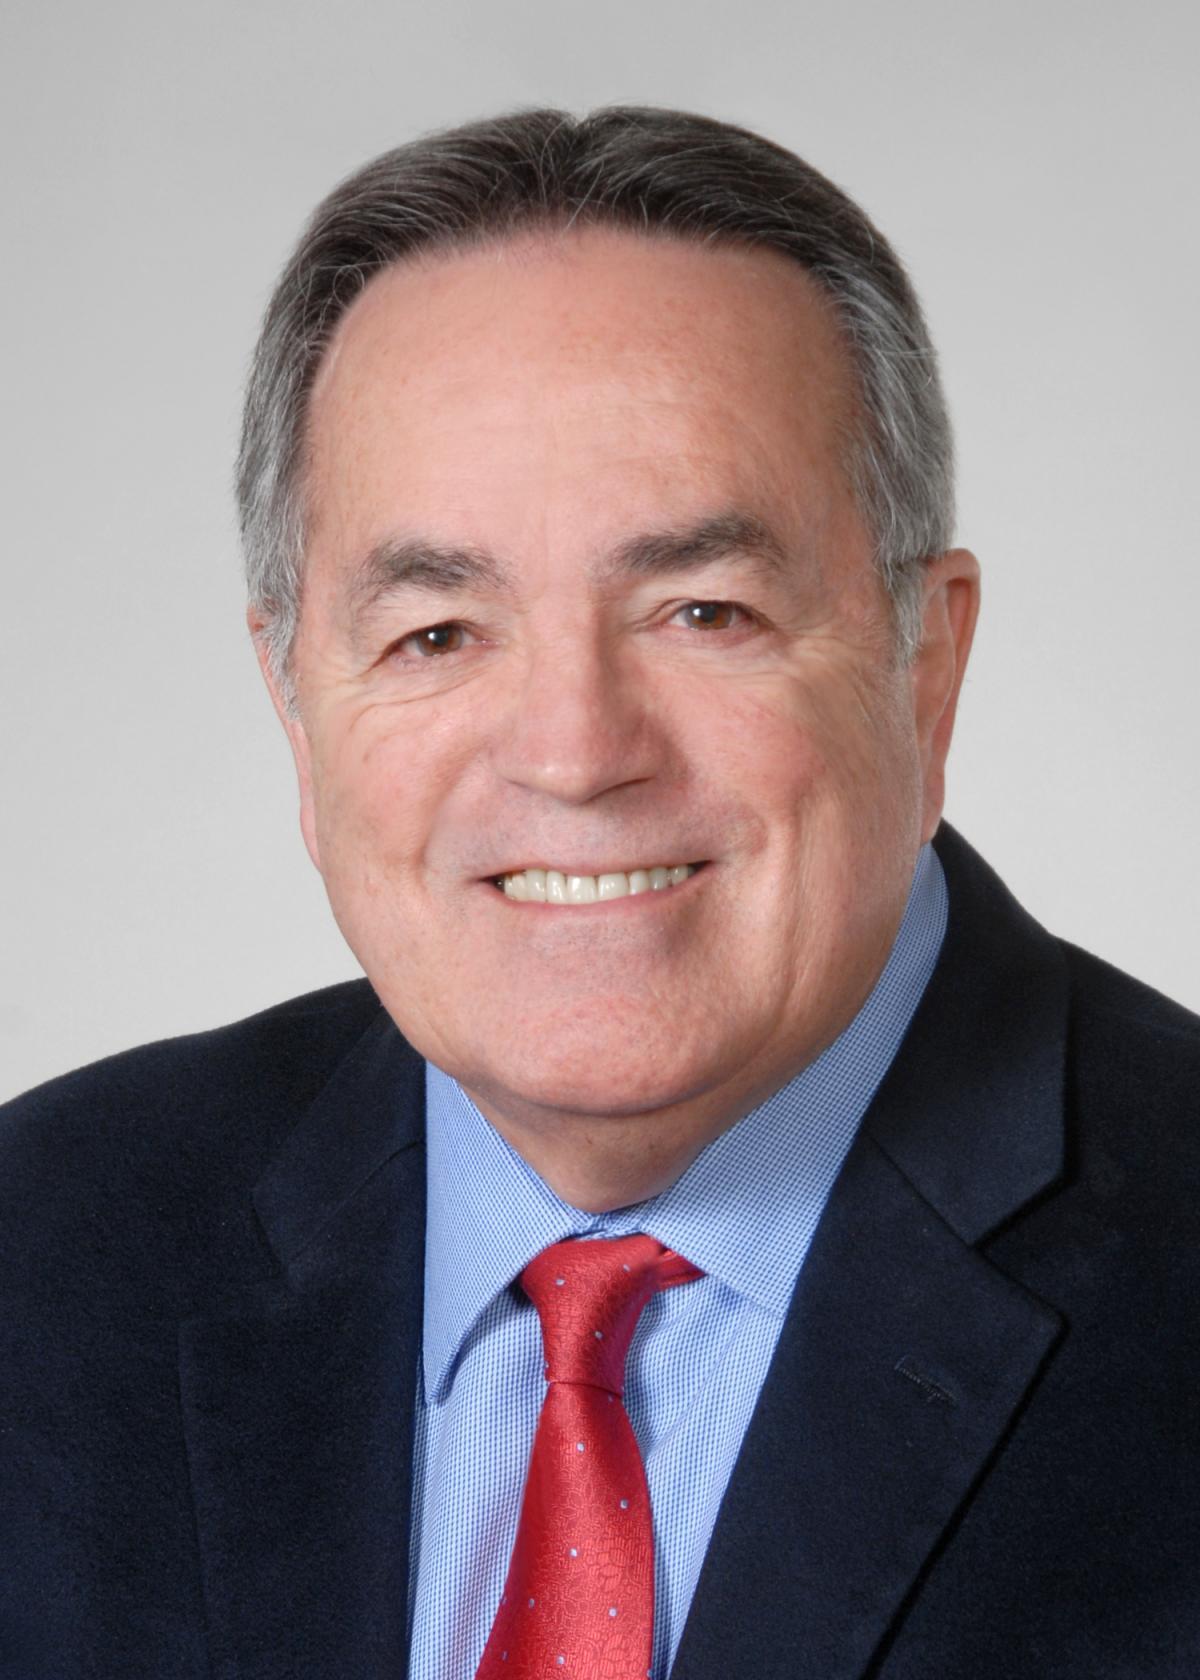 Richard Marzano